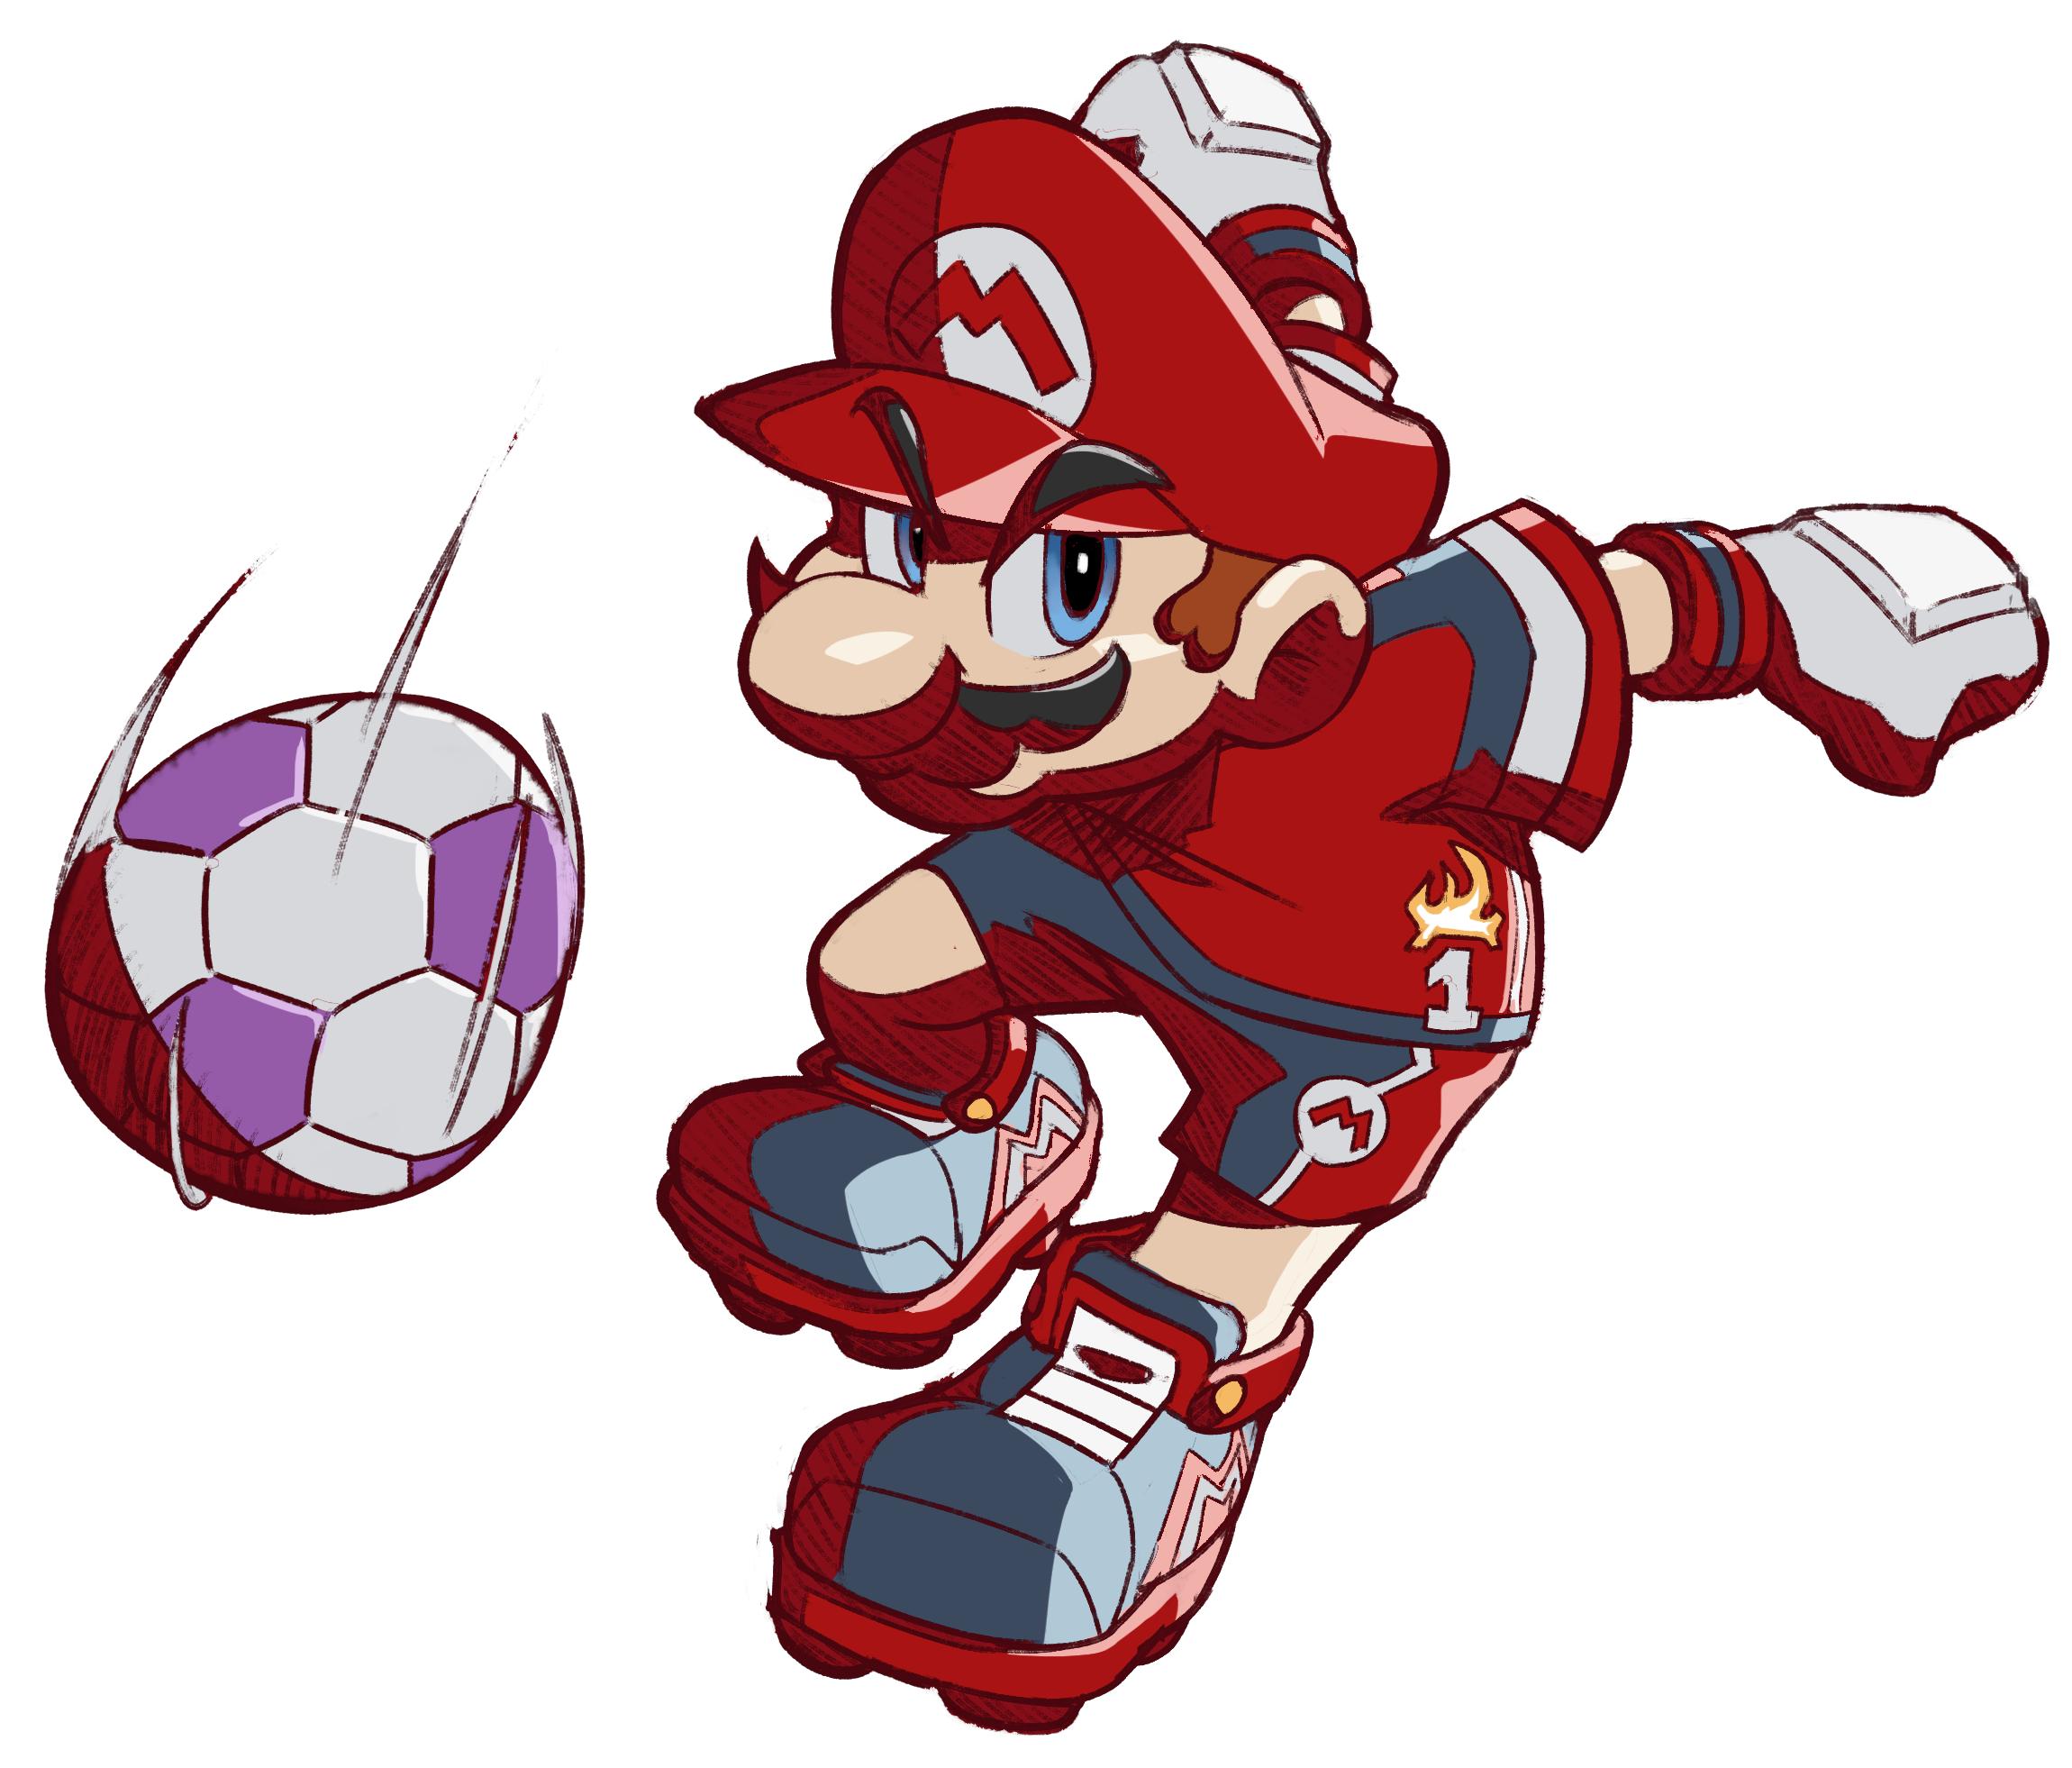 Mario Riders